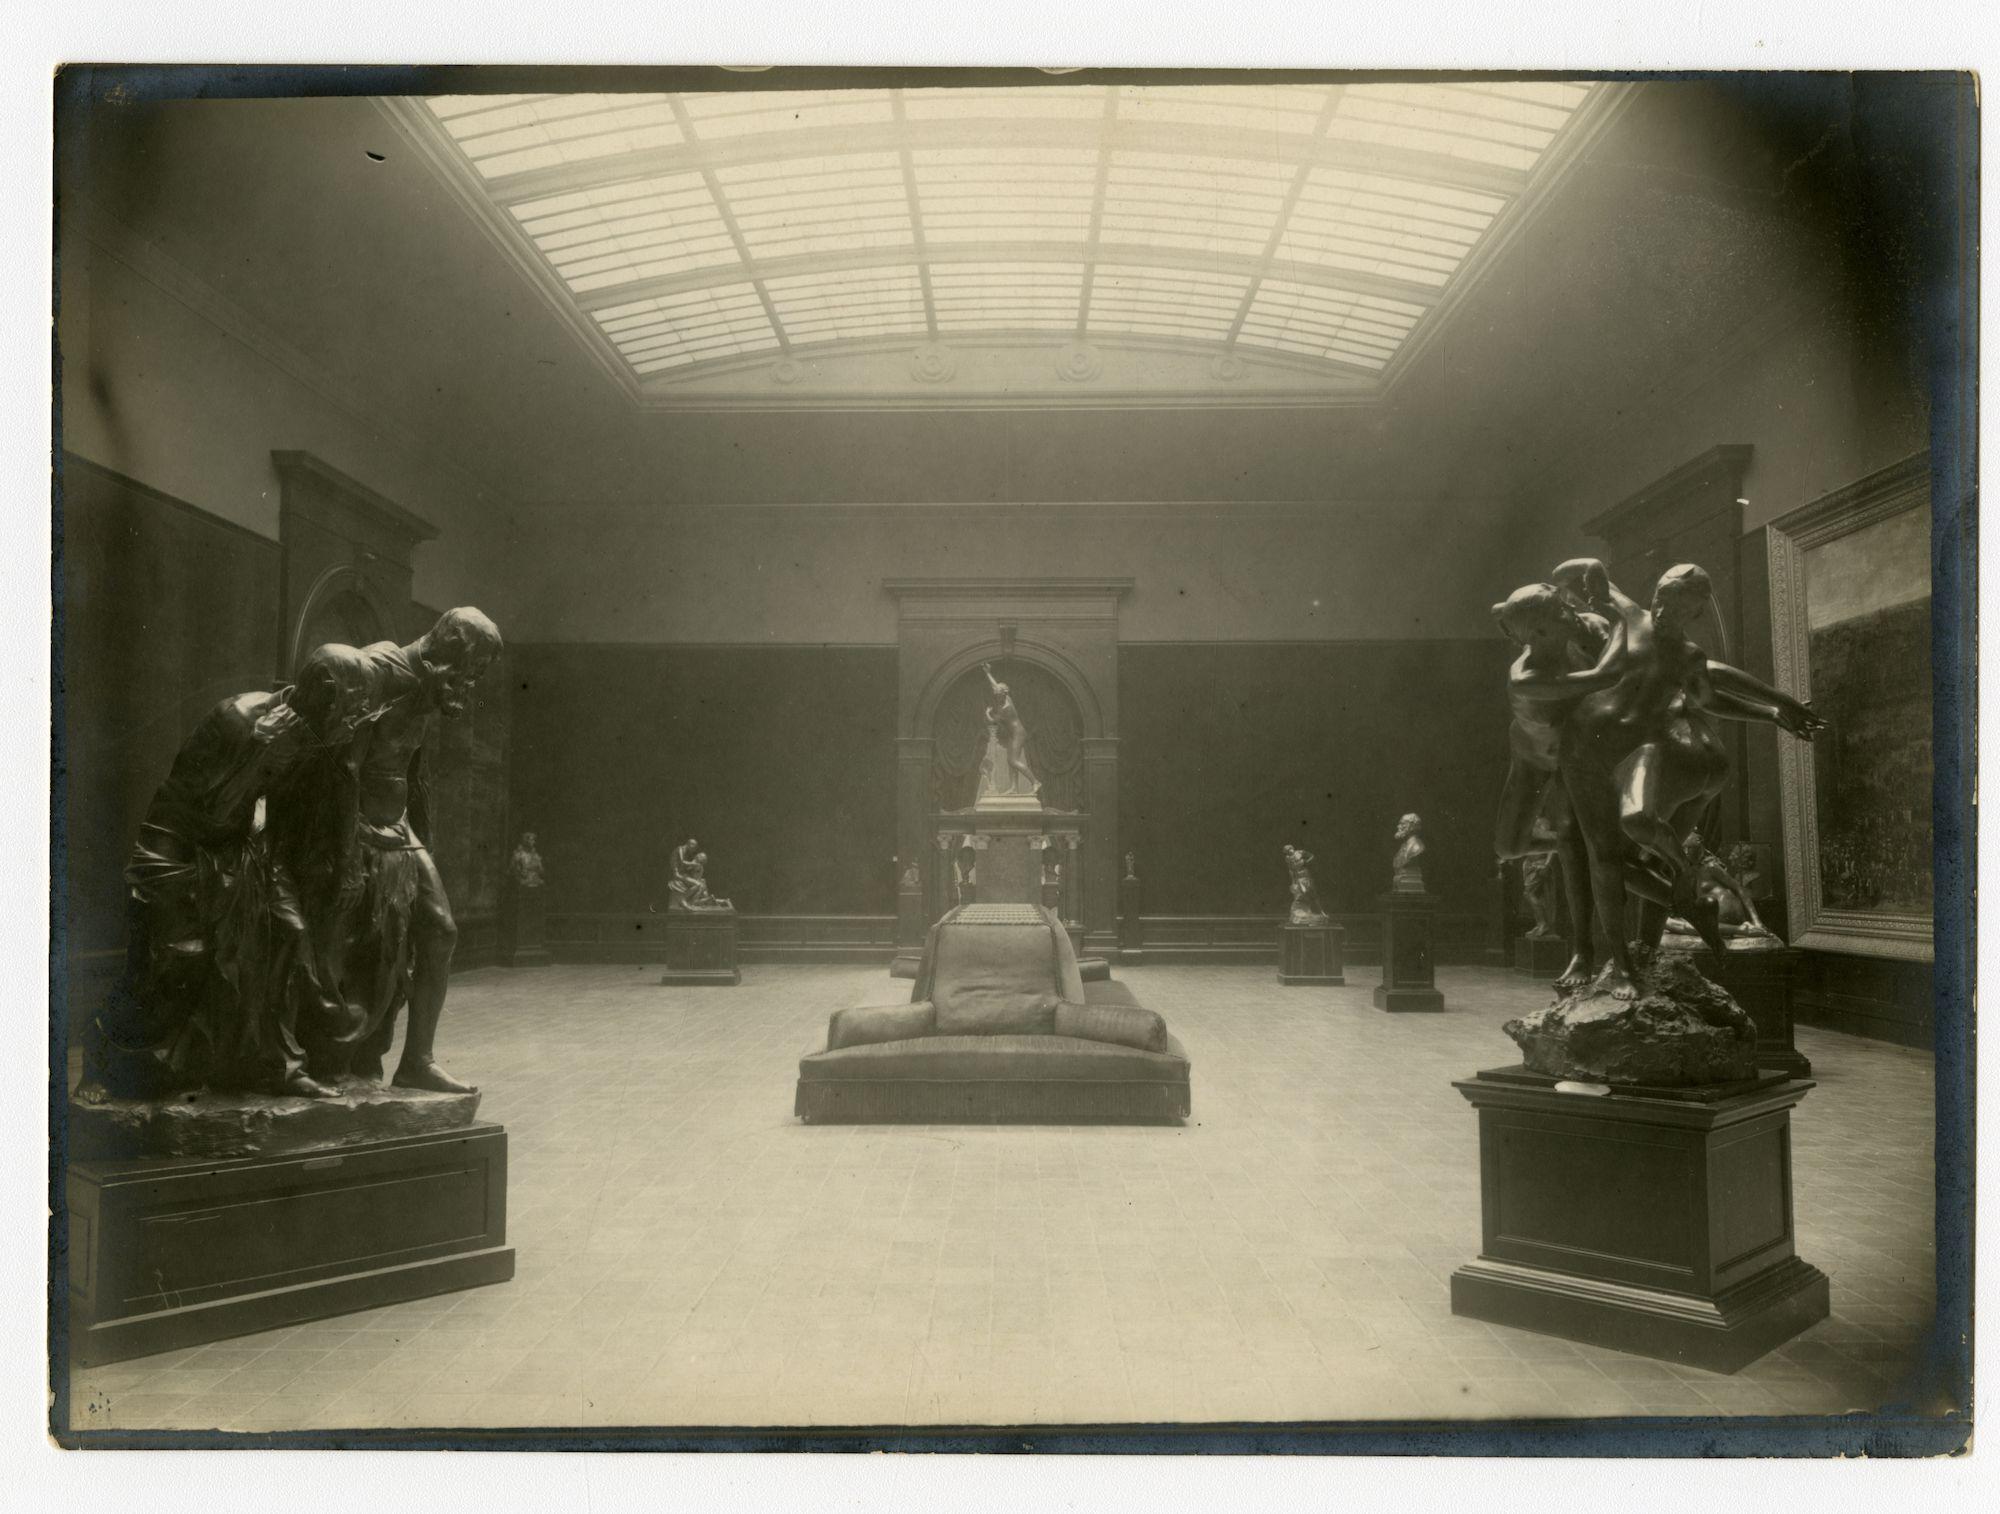 Gent: Fernand Scribedreef - Citadelpark: Museum voor Schone Kunsten (MSK), binnenzicht, 1915-1916